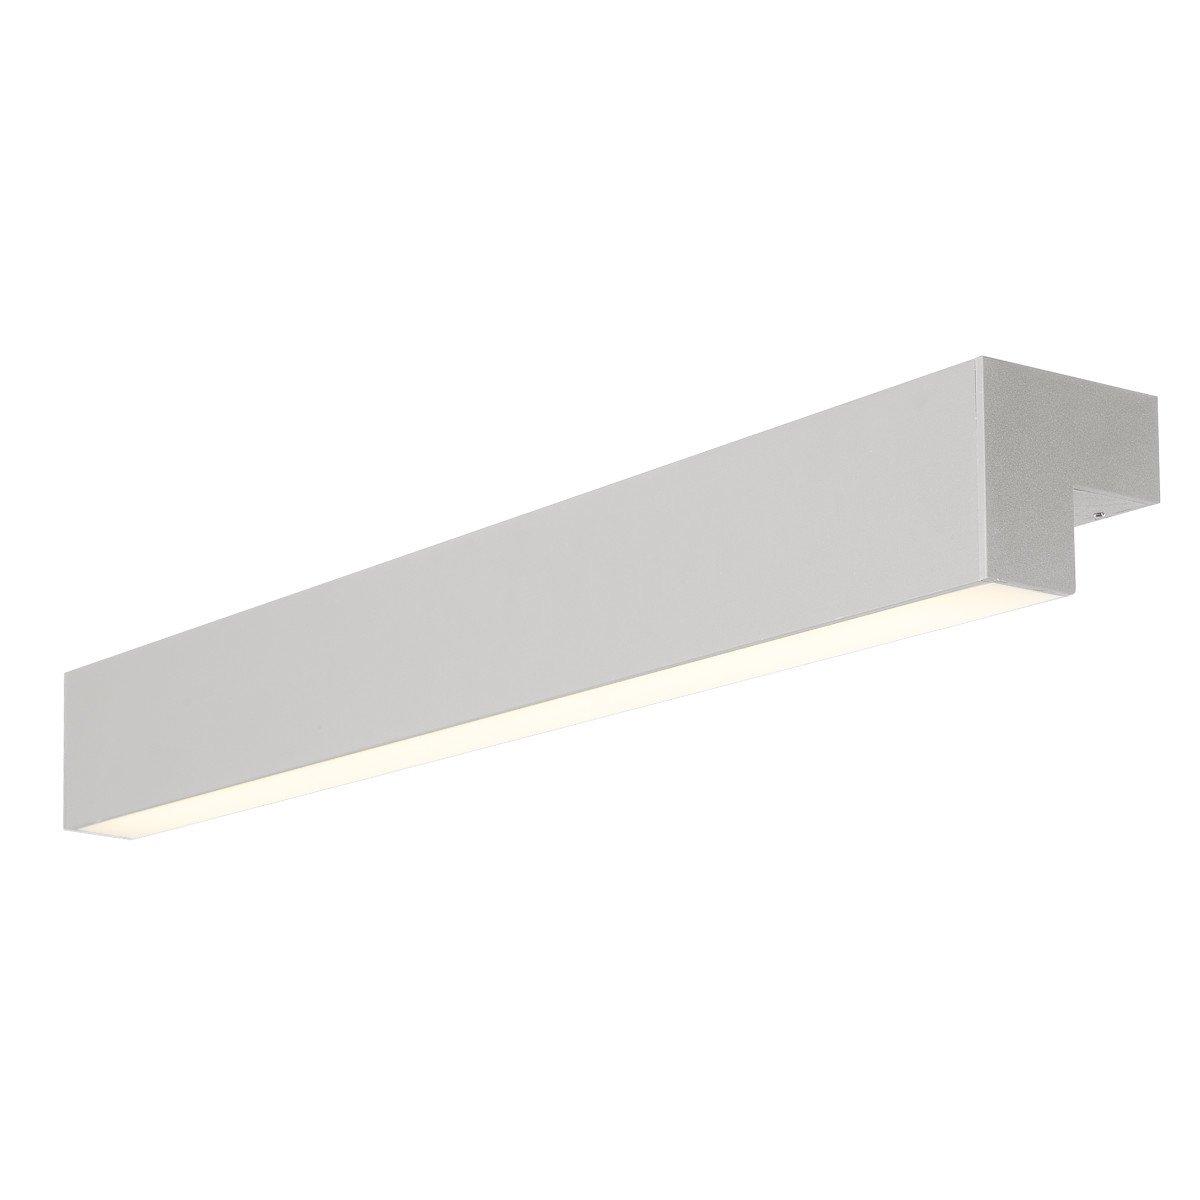 SLV - verlichting Spiegelverlichting L-LINE SLV. 1001300